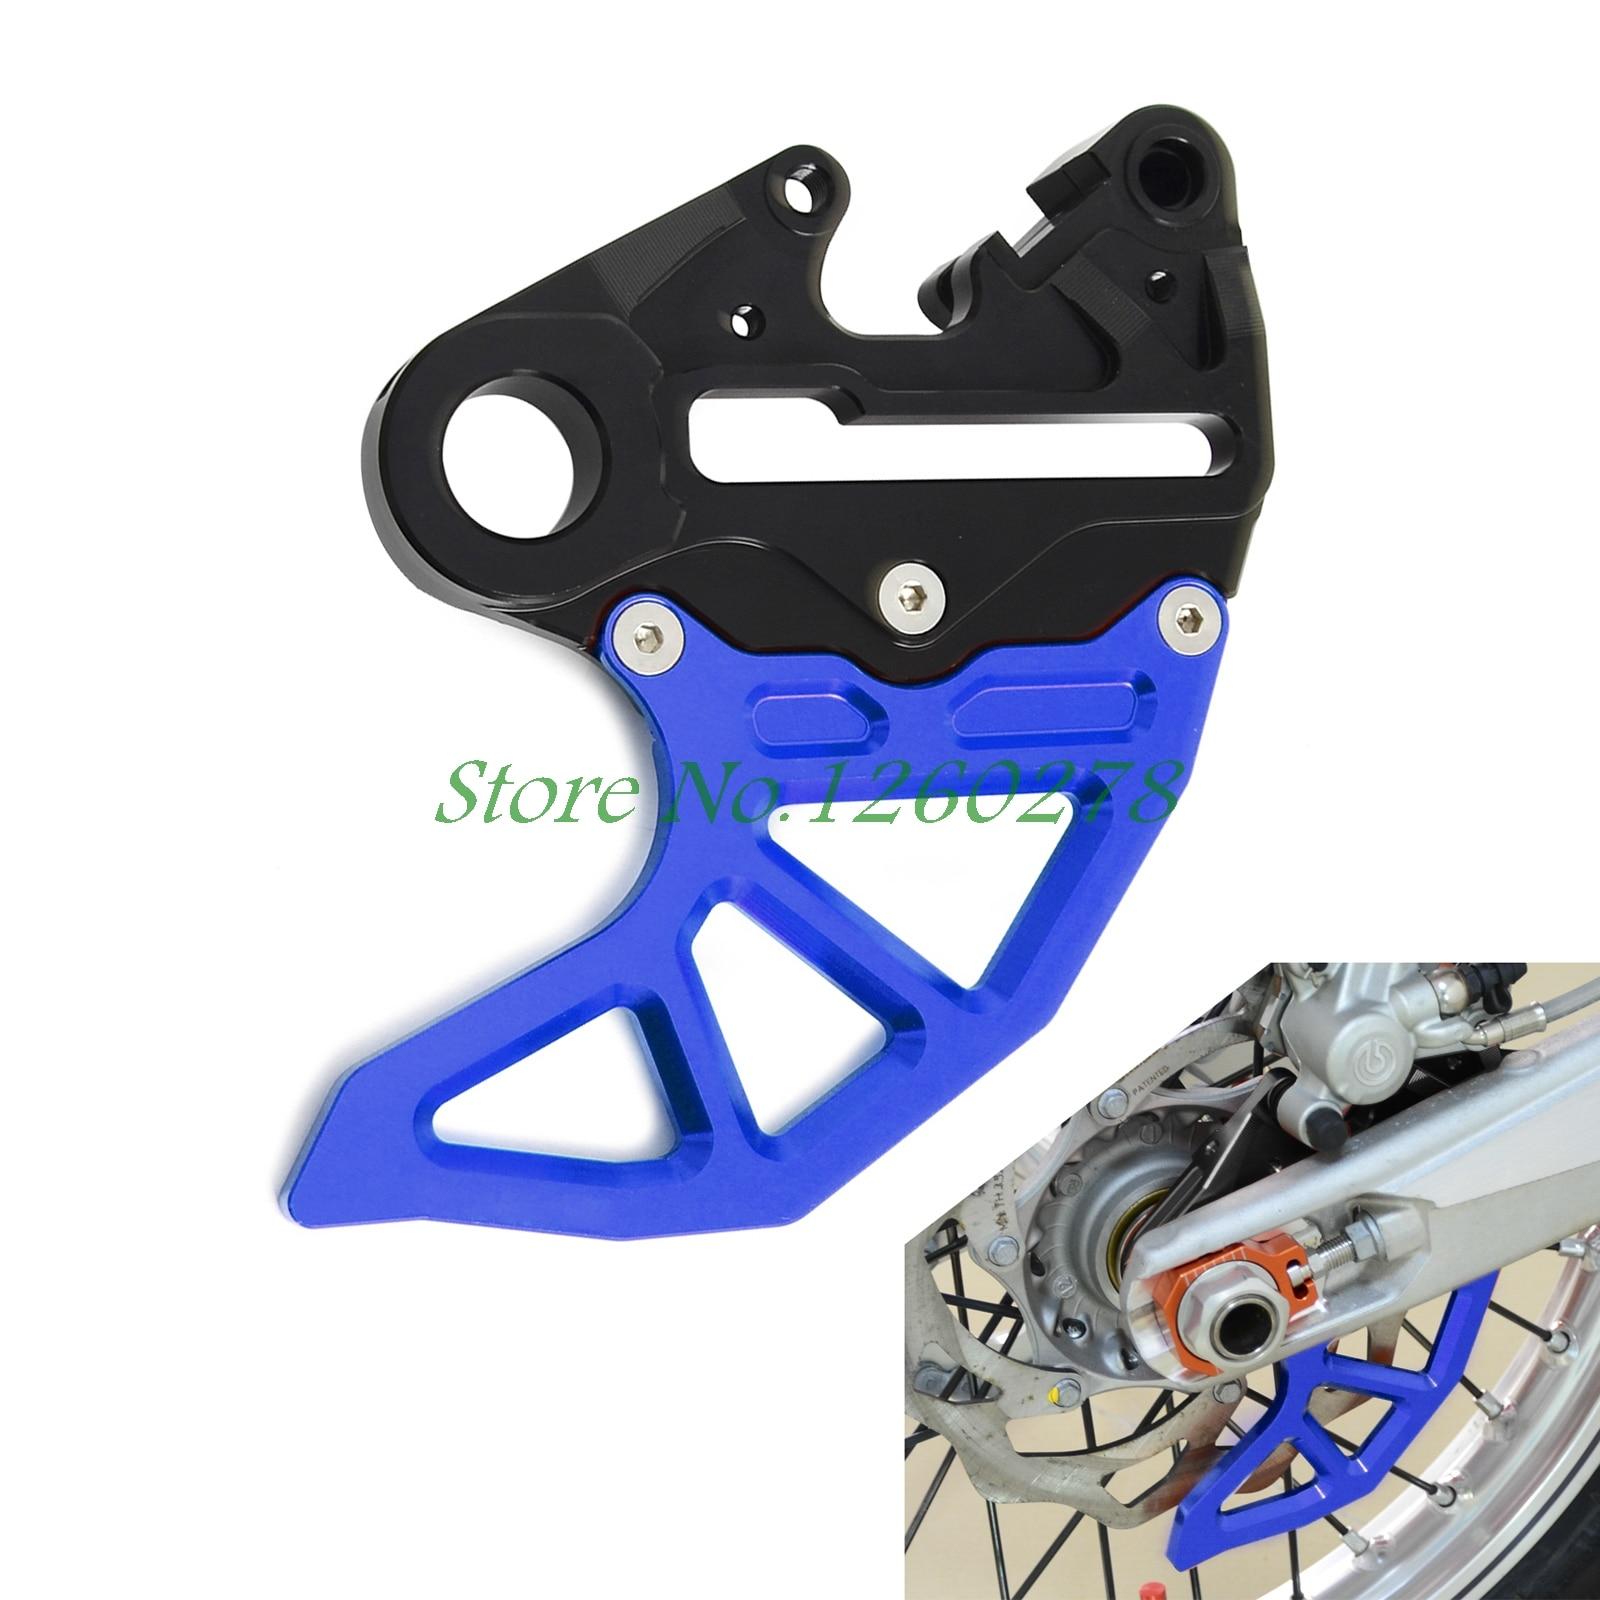 все цены на NICECNC Rear Brake Disc Guard ProtectorFor Husaberg TE FE FS FX 125 250 300 501 560 570 Husqvarna FE FC TE FX TX TC 2014-2017 онлайн